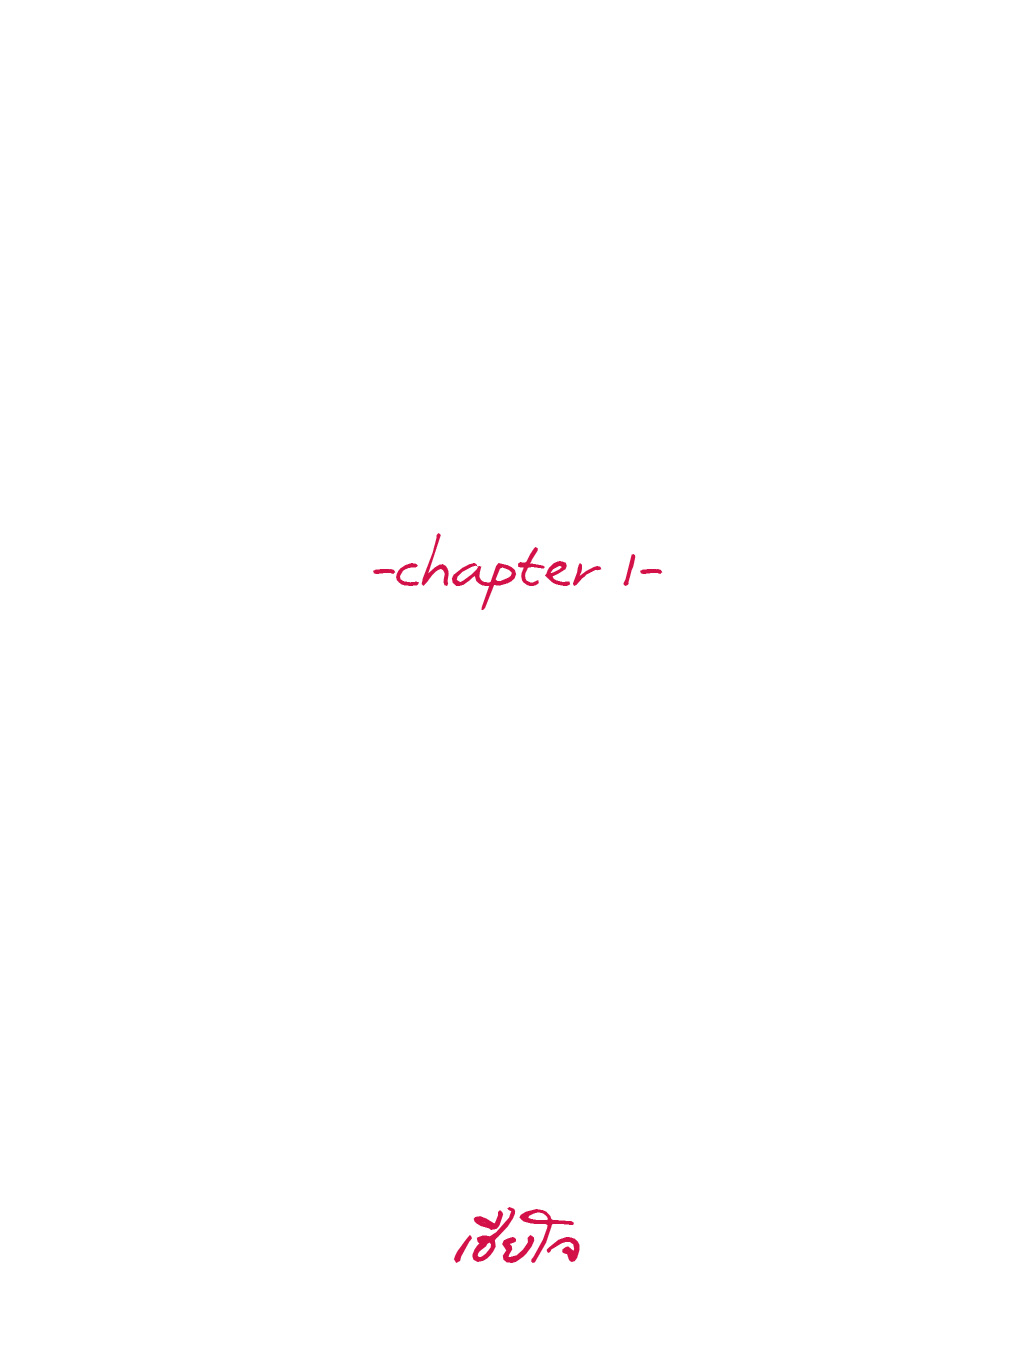 chapter 1 - เฮียโจ